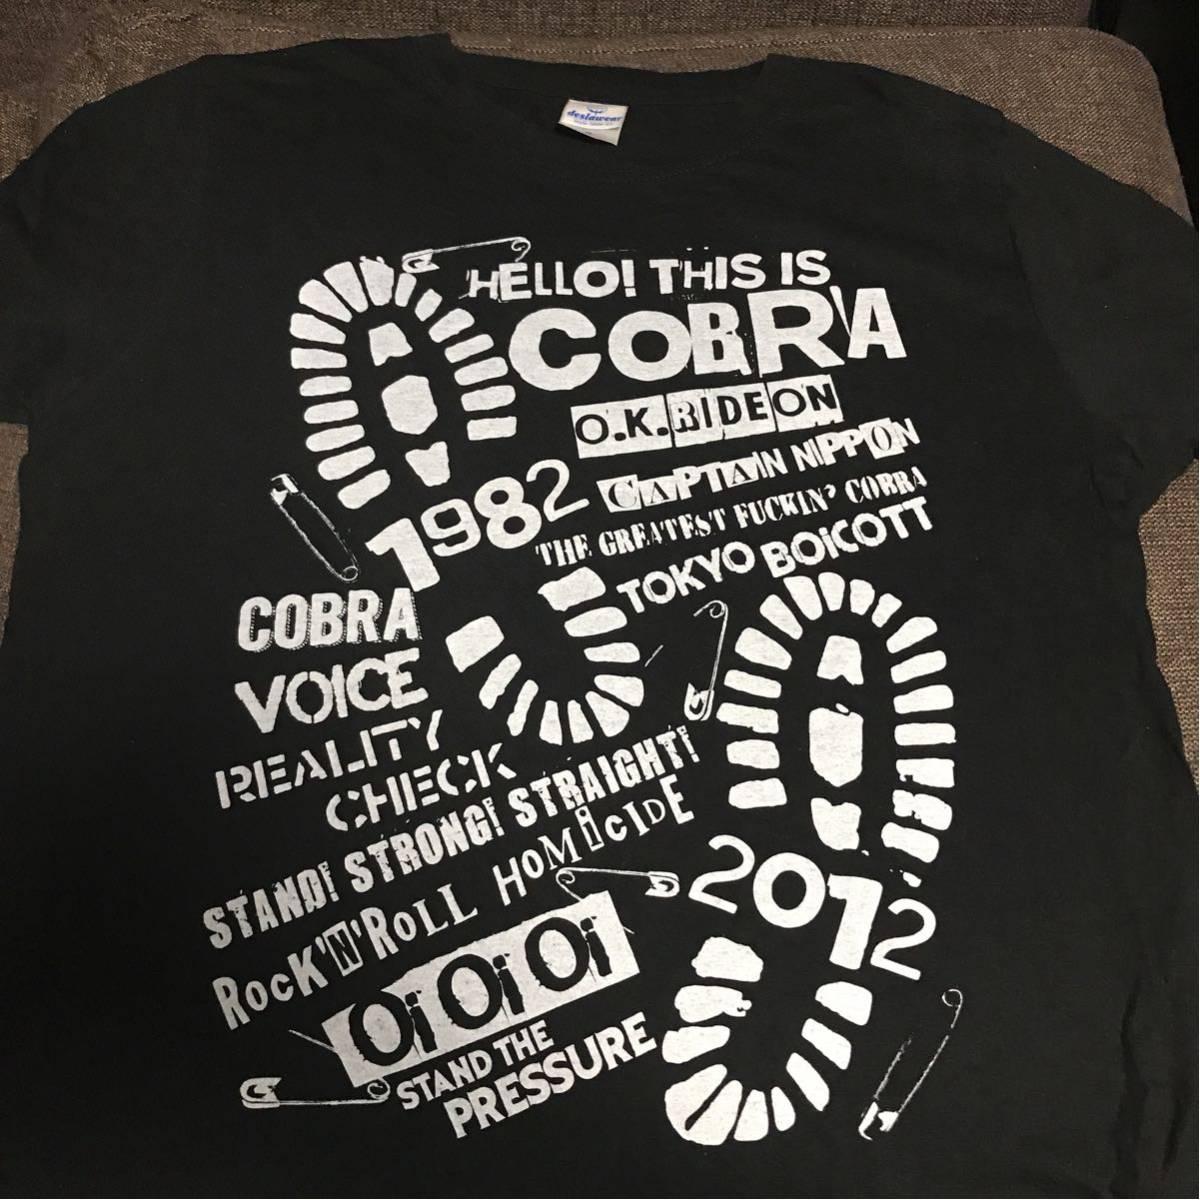 コブラ COBRA Tシャツ PUNK パンク Oi! オイパンク 初期パンク ラフィンノーズ